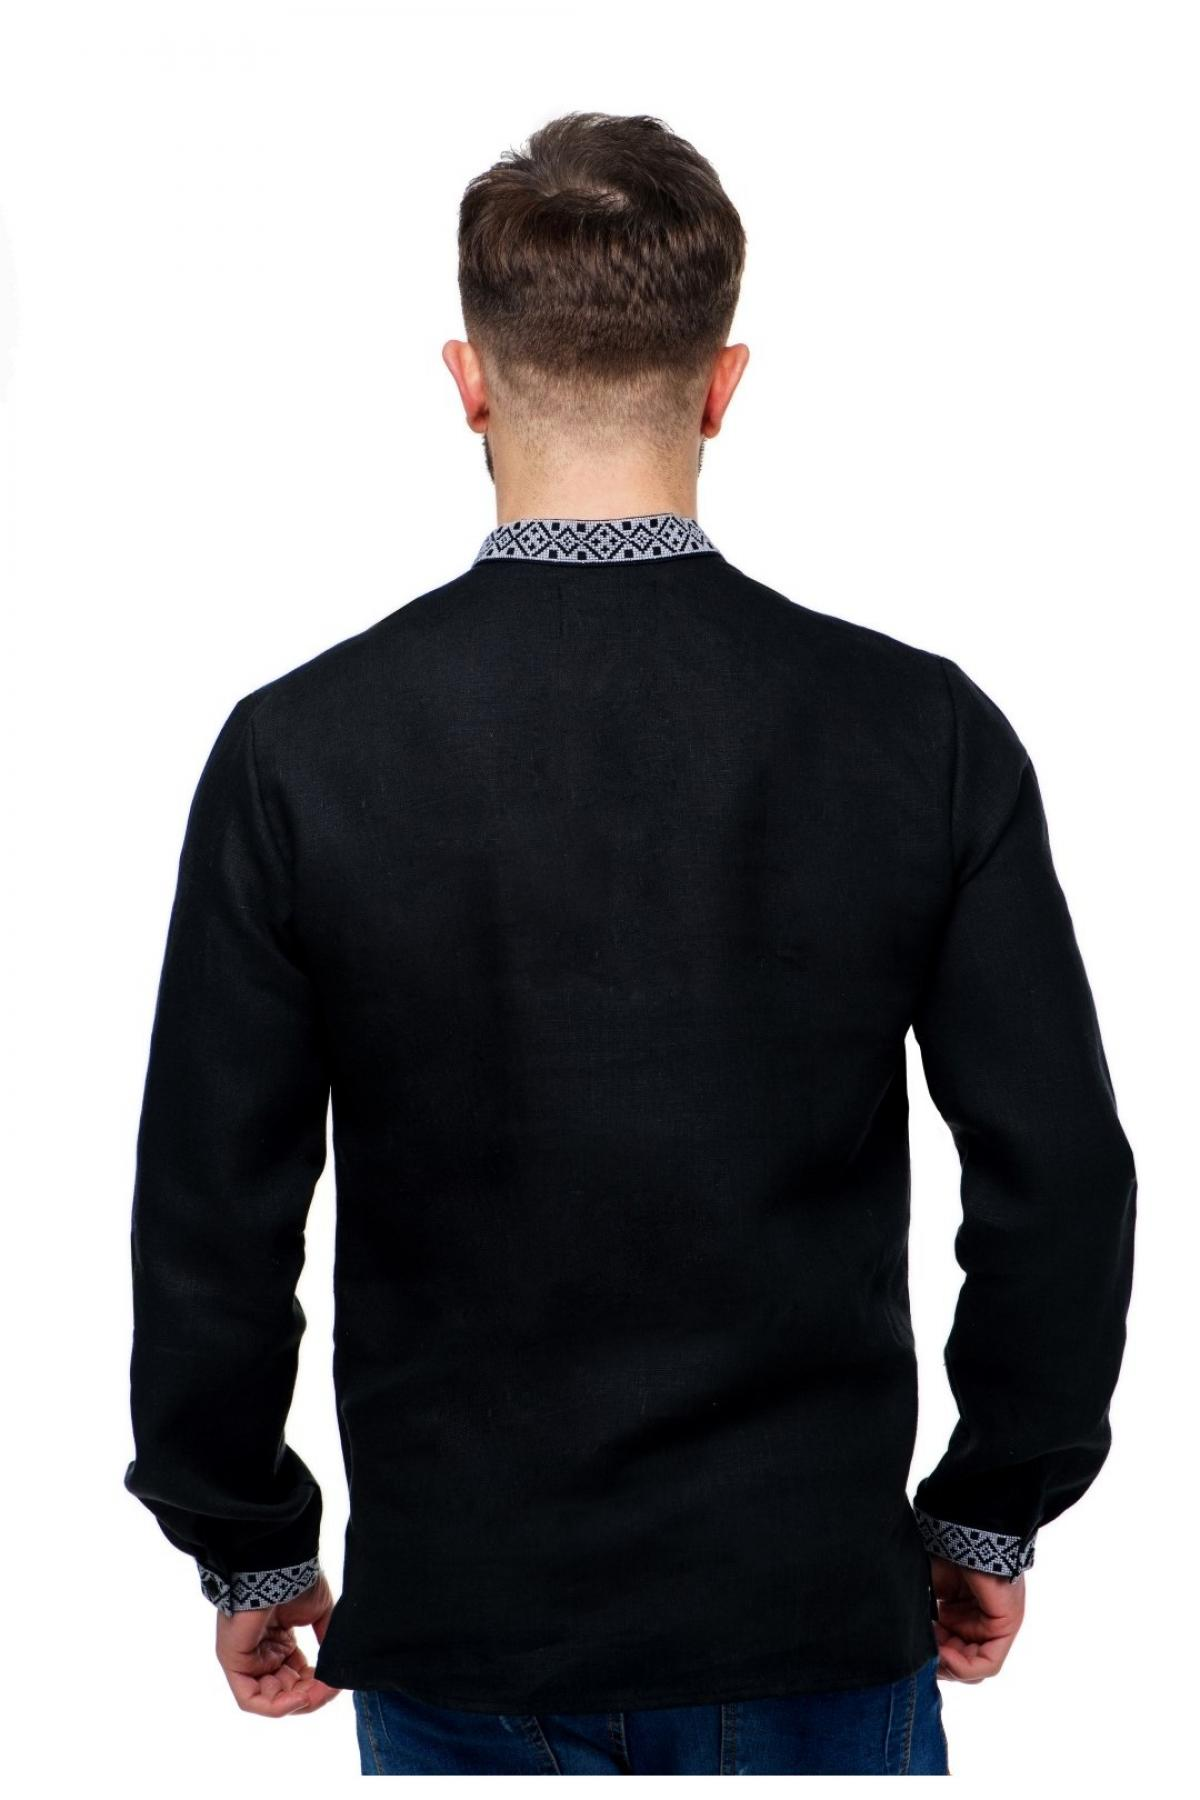 Чорна лляна чоловіча вишиванка з сірою вишивкою на грудях, комірцях та манжетах. Фото №2. | Народний дім Україна